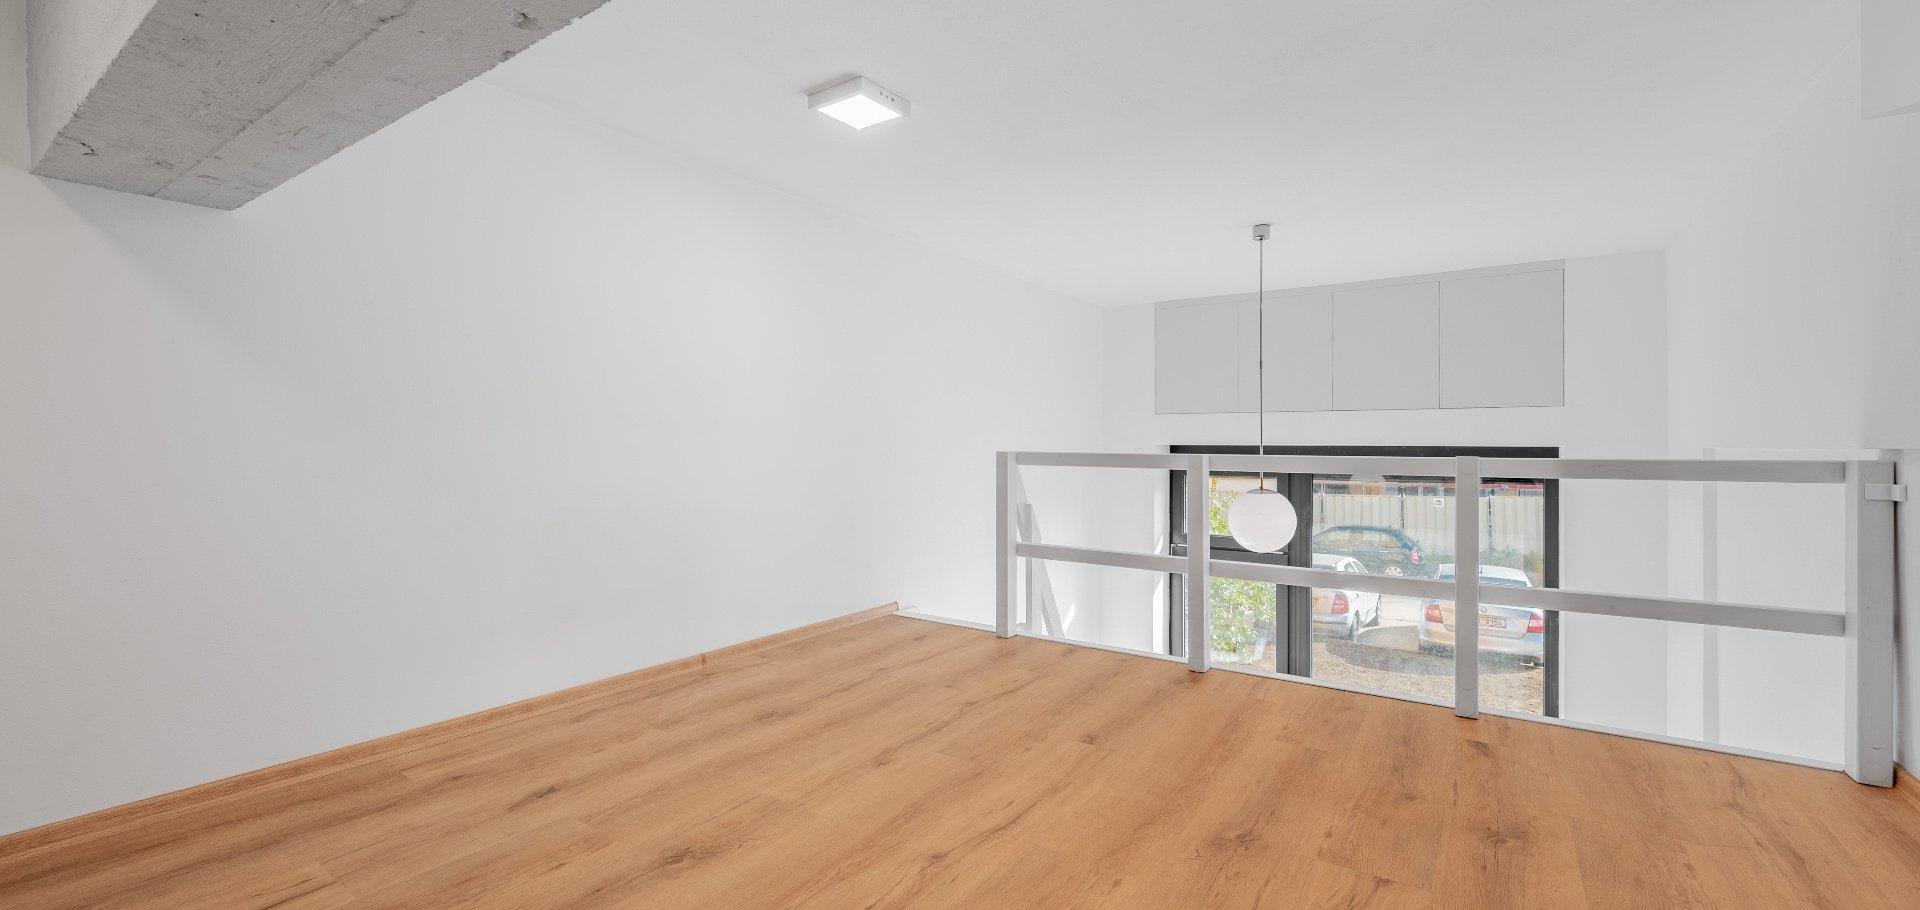 Loftový byt 1+kk 35m² (23,2m² + 11,8m²), Praha - Libuš